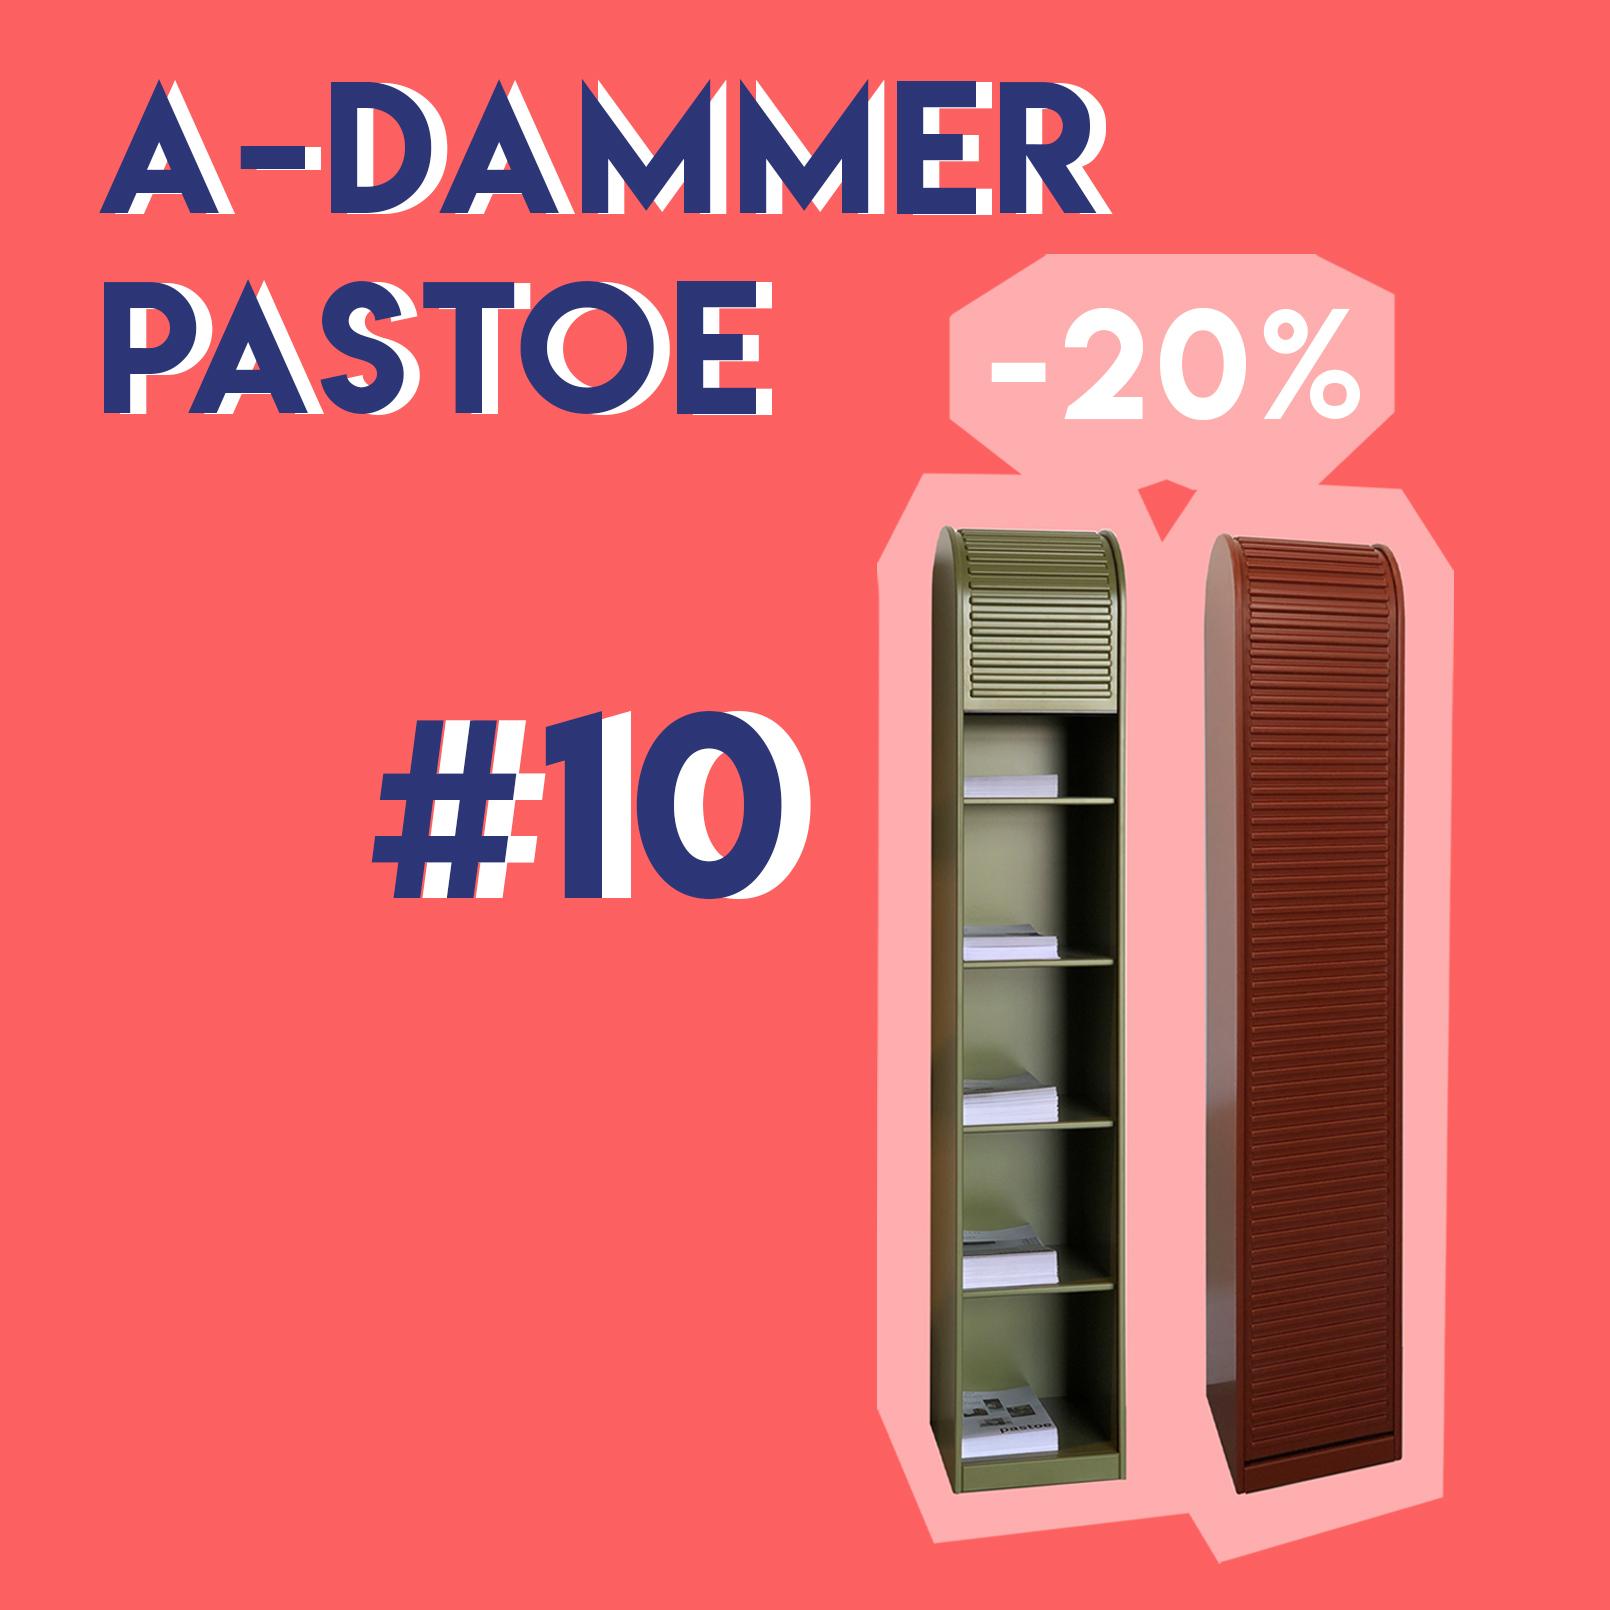 A'dammer van Pastoe